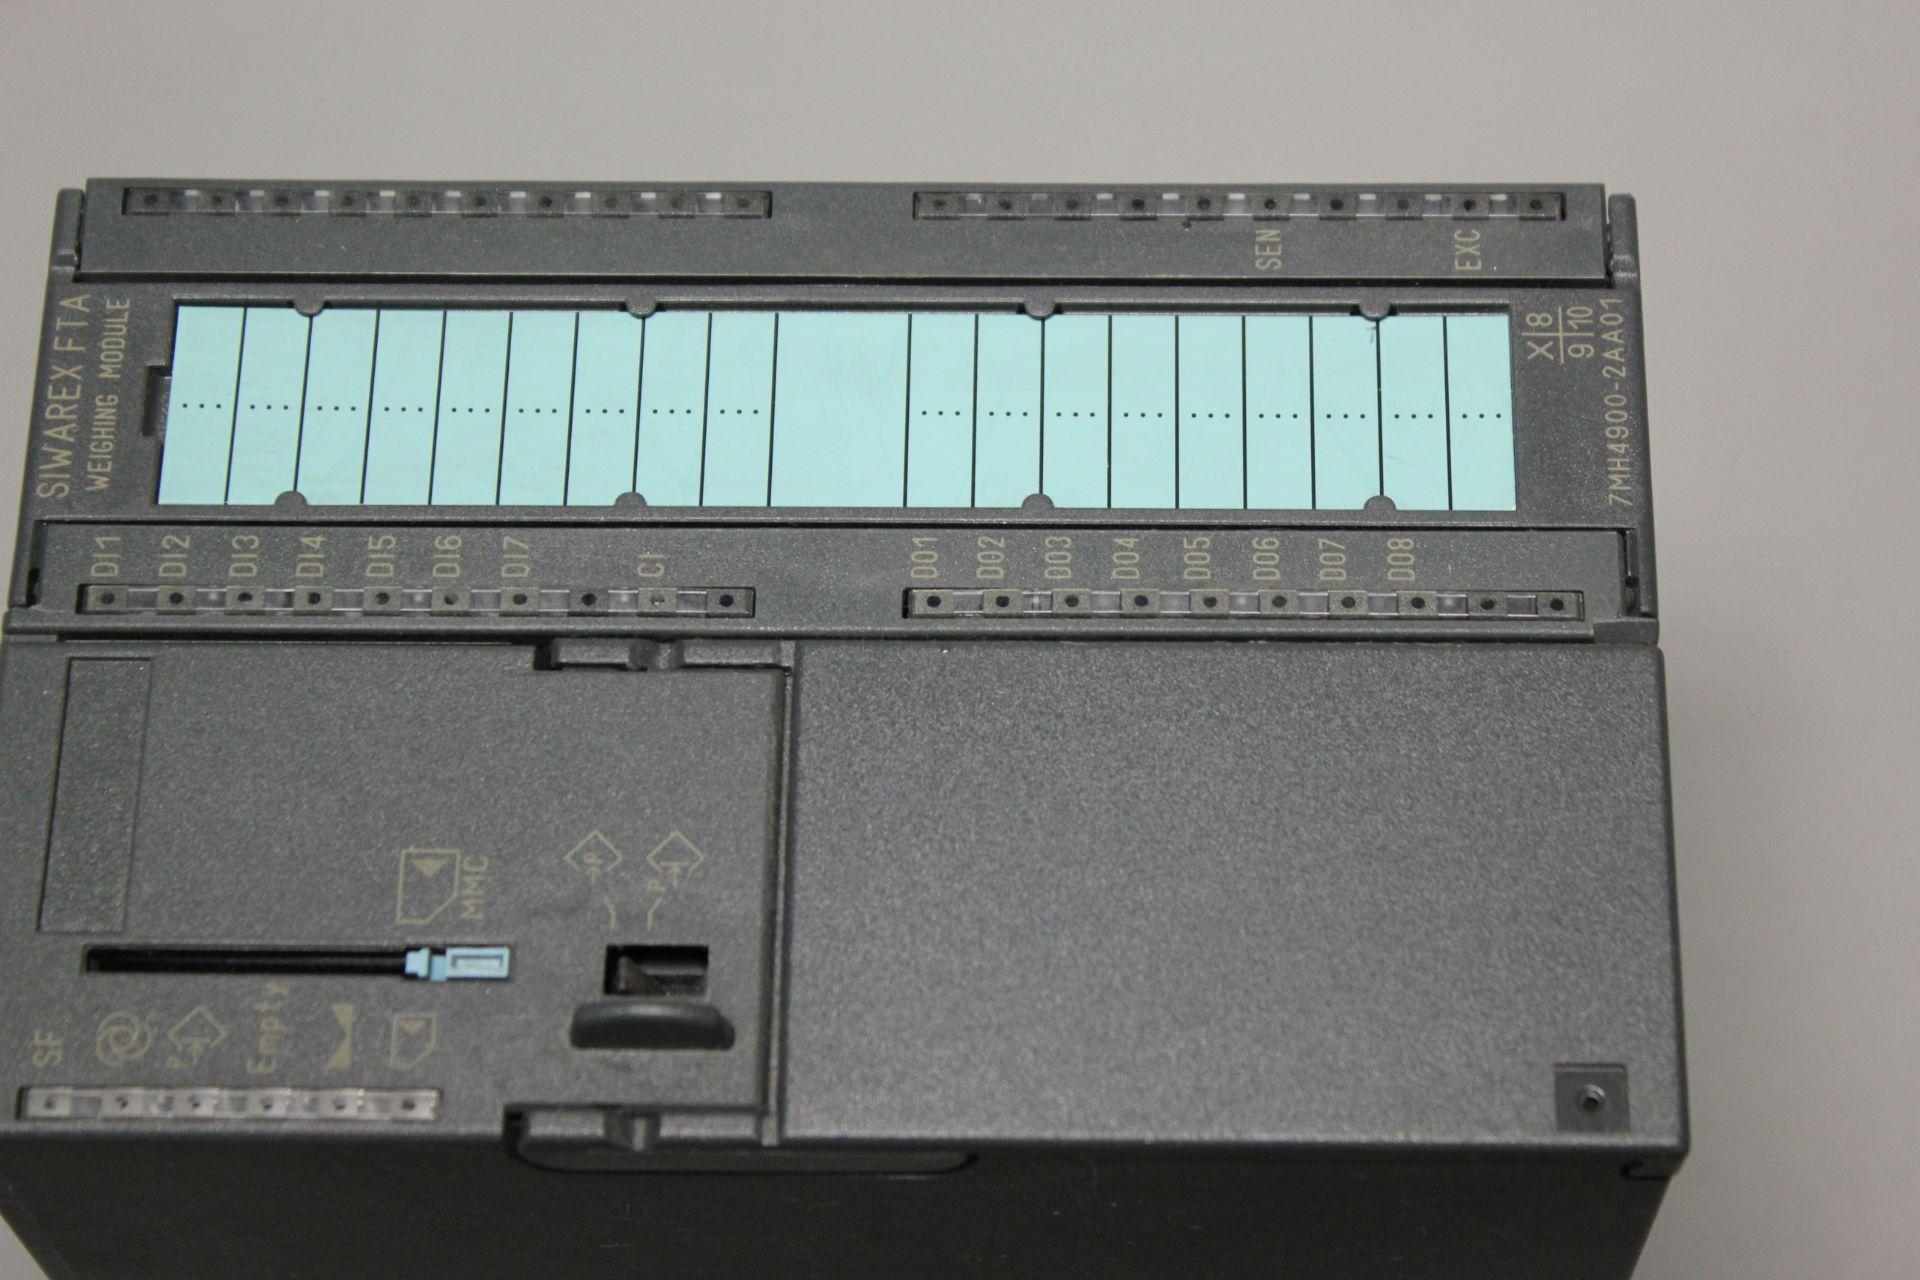 NEW SIEMENS SIWAREX FTA PLC WEIGHING MODULE - Image 4 of 8